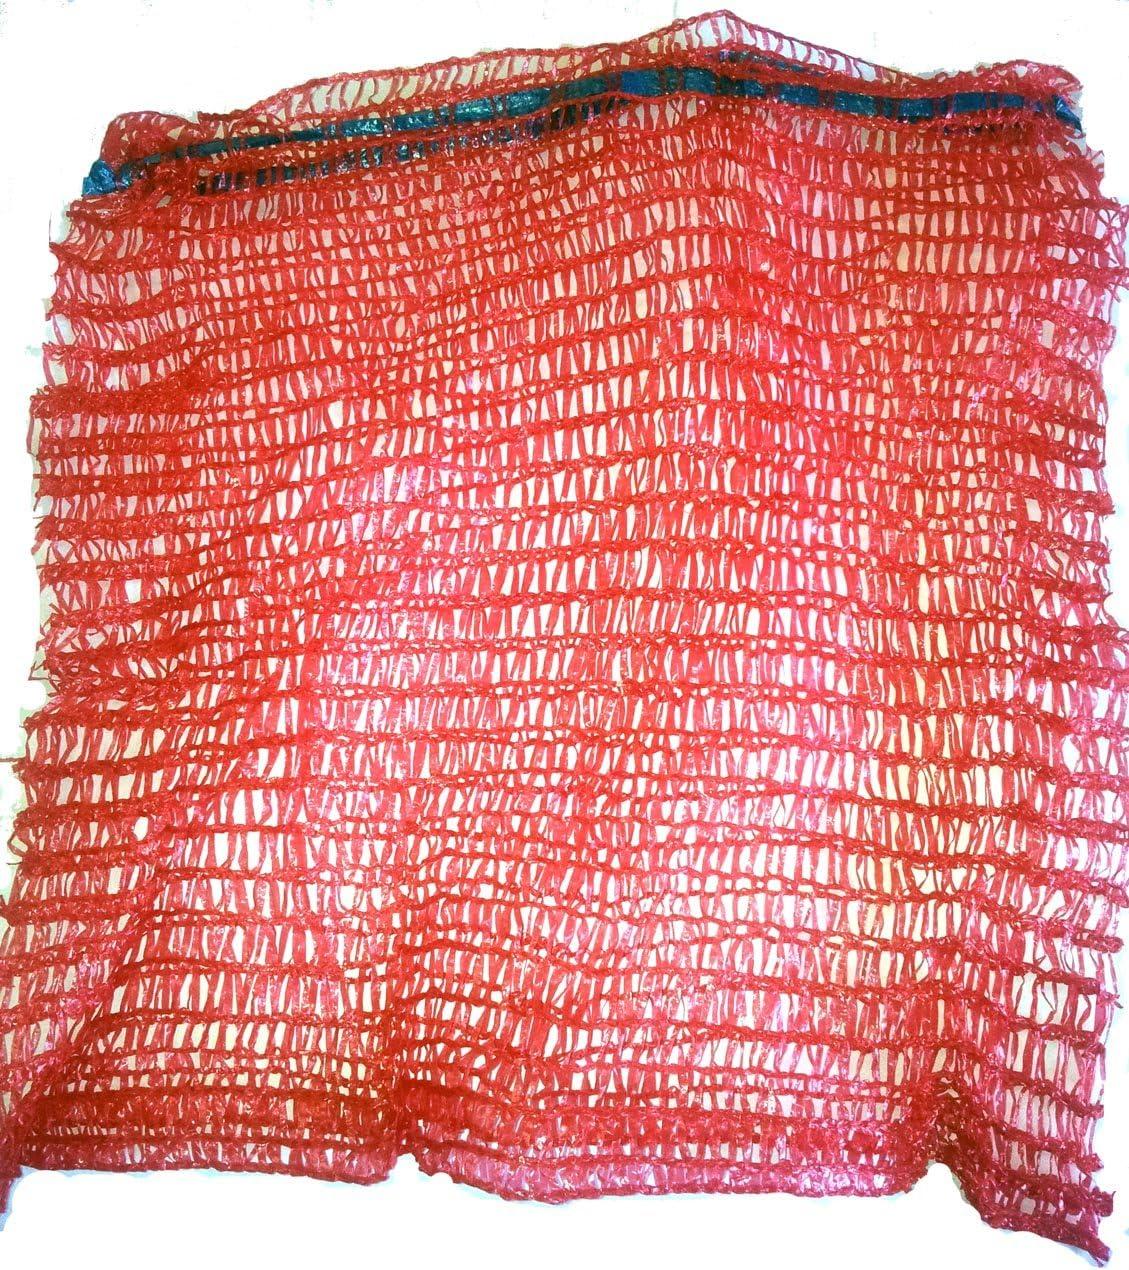 VRYSAC - 100 sacos malla 40x50 raschel rojo, con cerrador, para 10kg de naranjas, cebollas o limones, unos 5kg de nueces